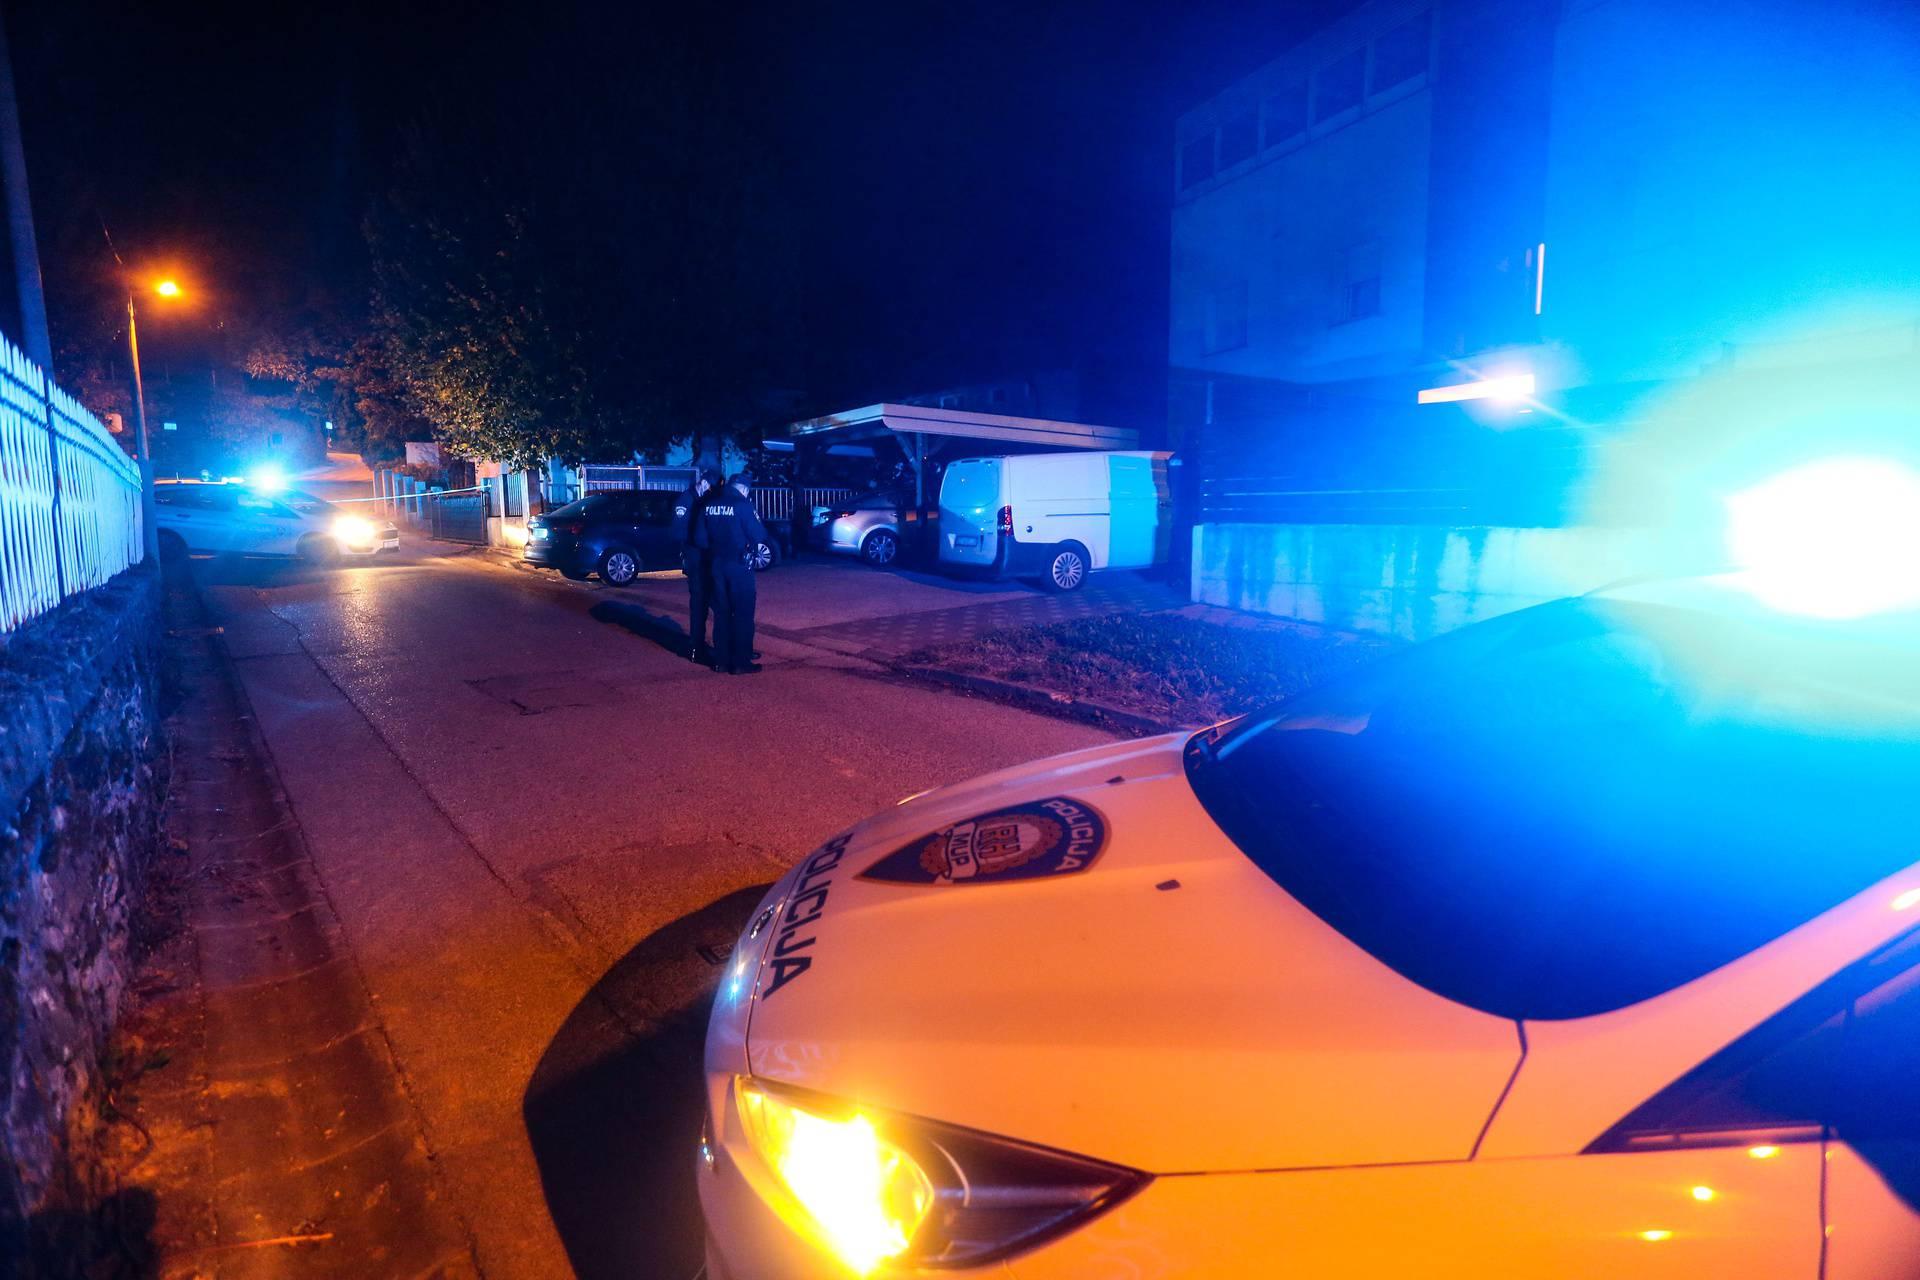 Policajac ubio ženu: 'Dolazio joj je i na posao, bio je ljubomoran, govorila mu je da će ga ostaviti'